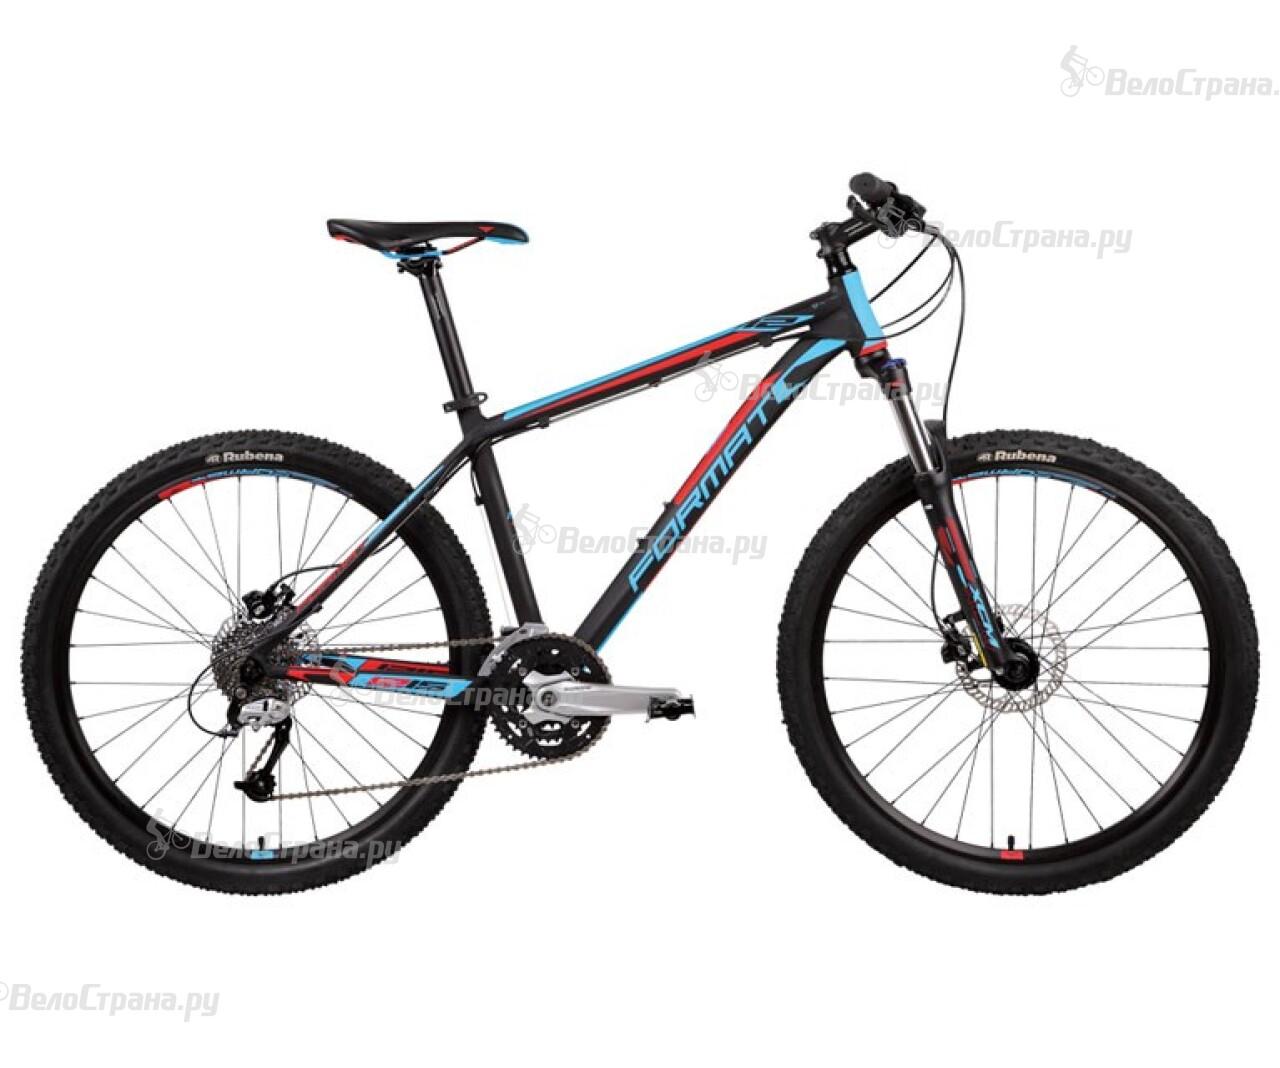 Велосипед Format 1215 (2014) велосипед format 1212 2014